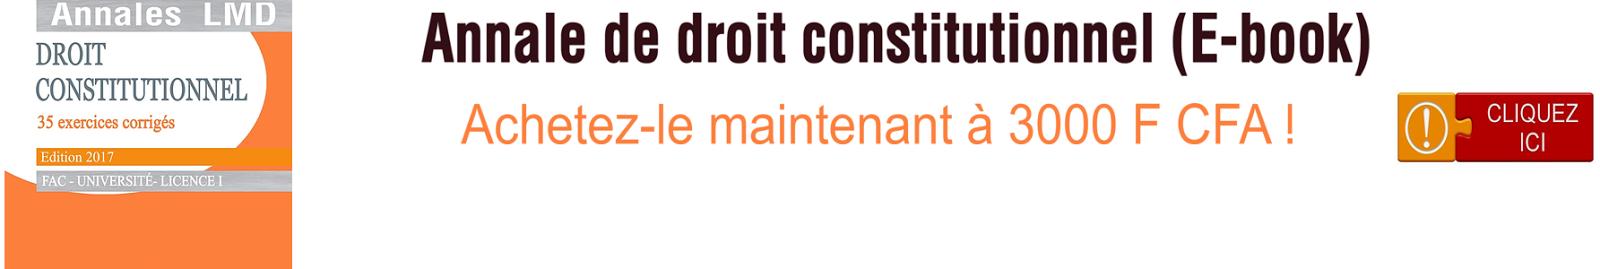 annale de droit constitutionnel ivoirien PDF